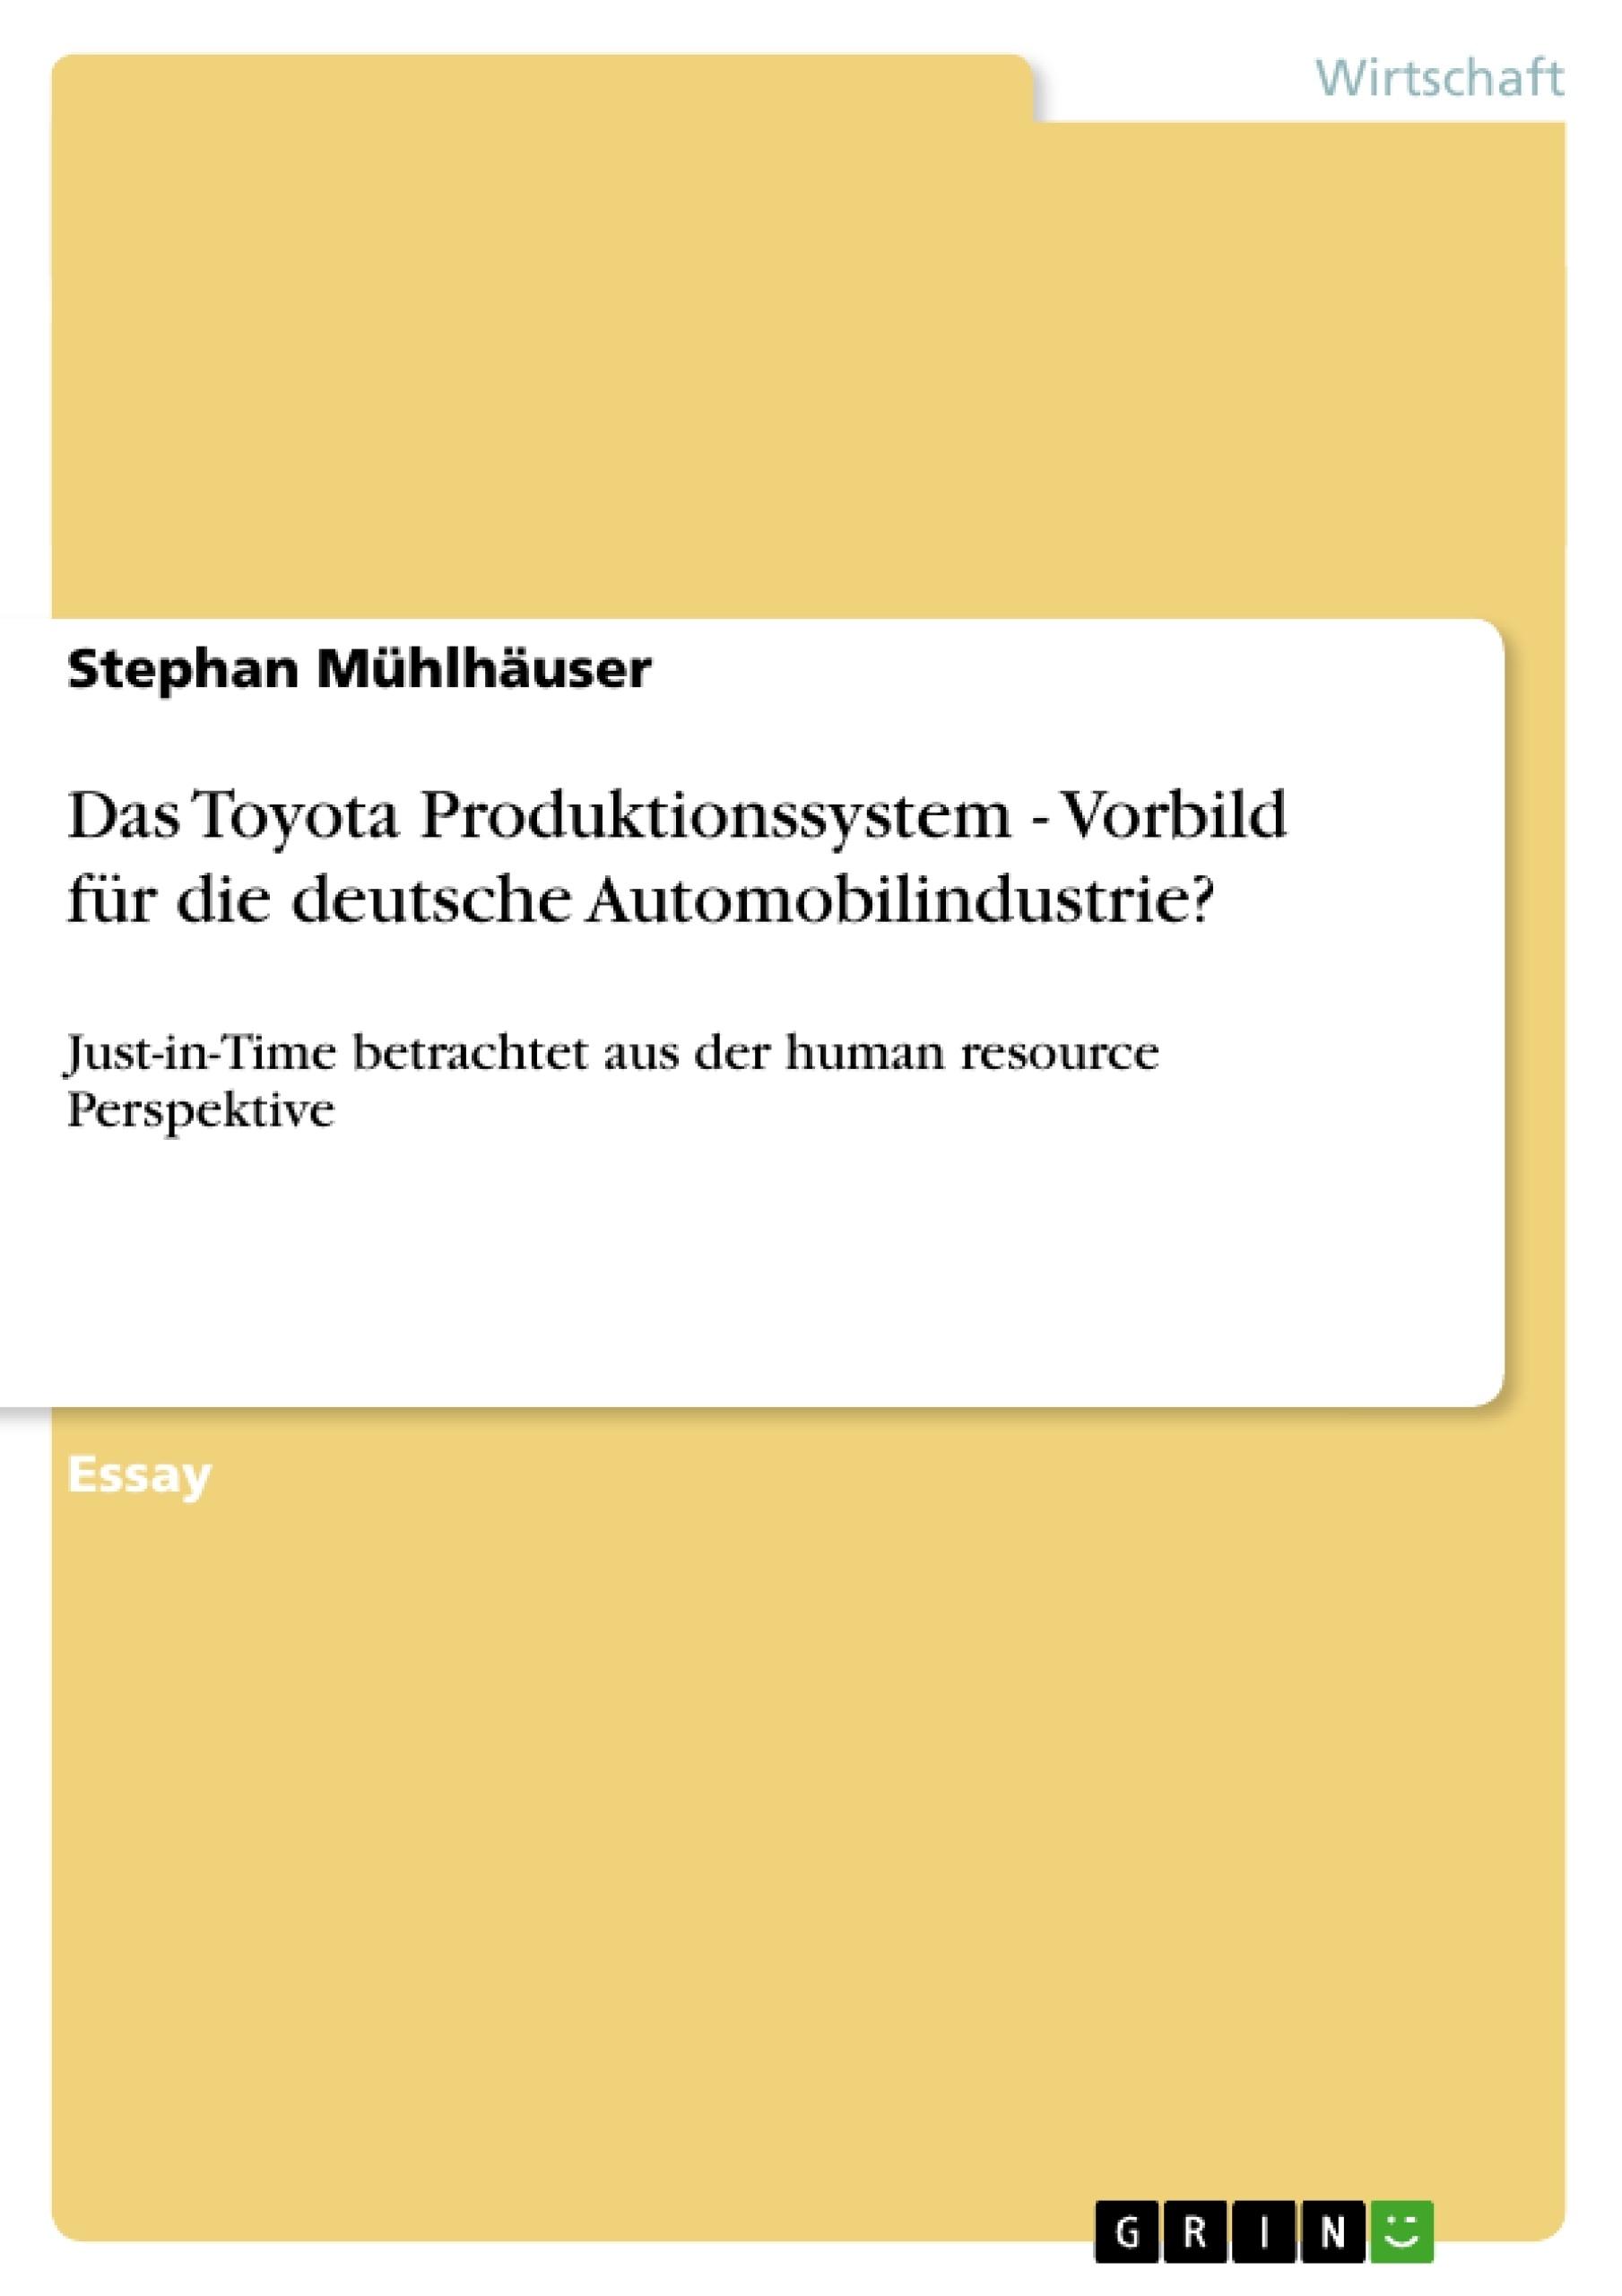 Titel: Das Toyota Produktionssystem - Vorbild für die deutsche Automobilindustrie?